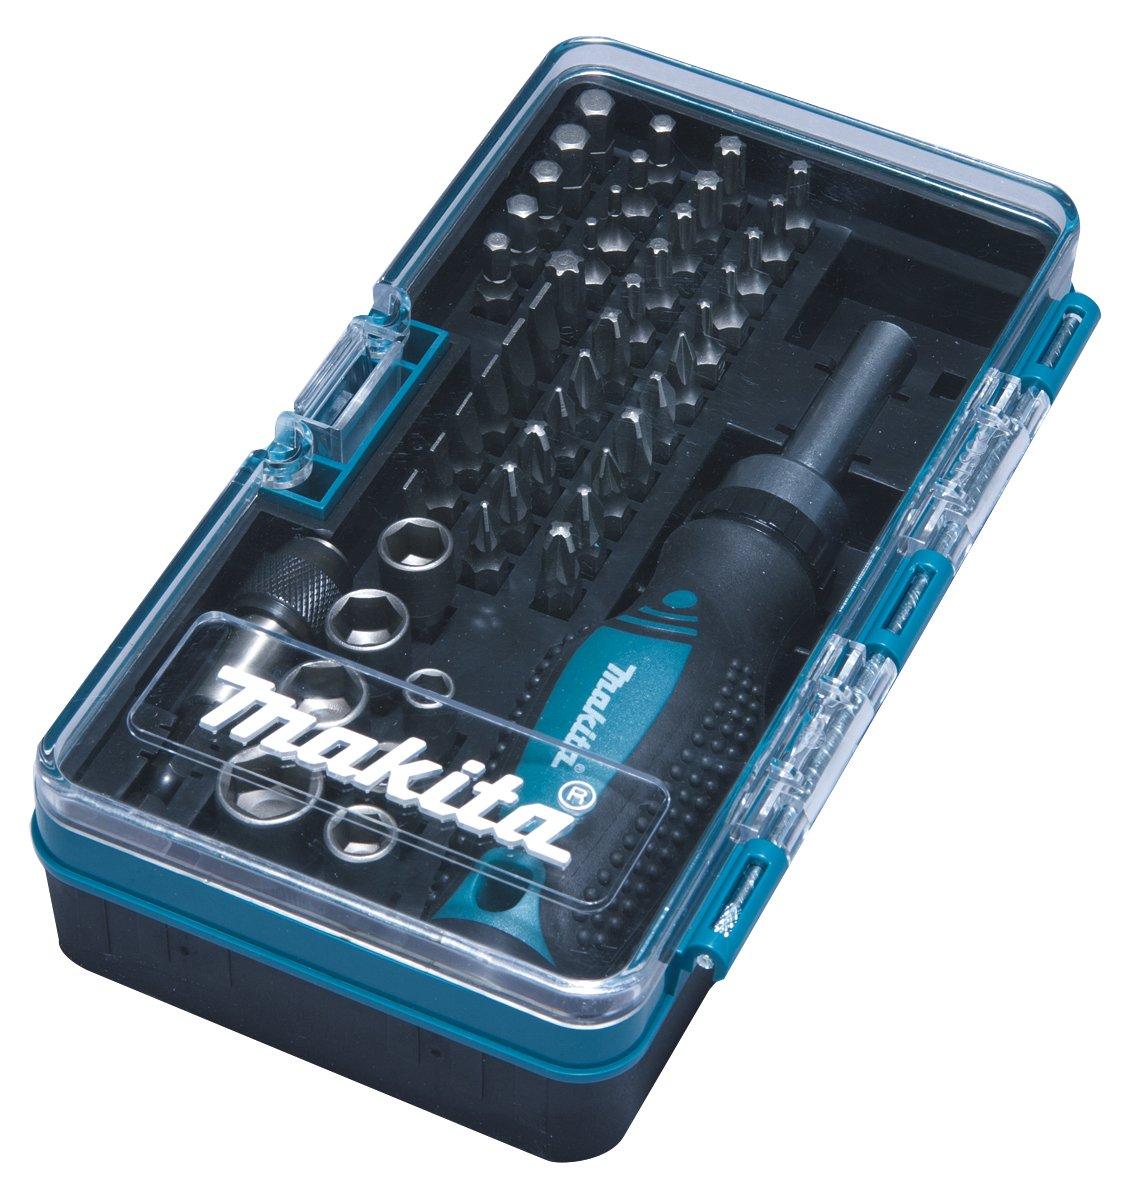 Makita B-36170 - Set de puntas + vasos + atornillador de carraca: Amazon.es: Bricolaje y herramientas